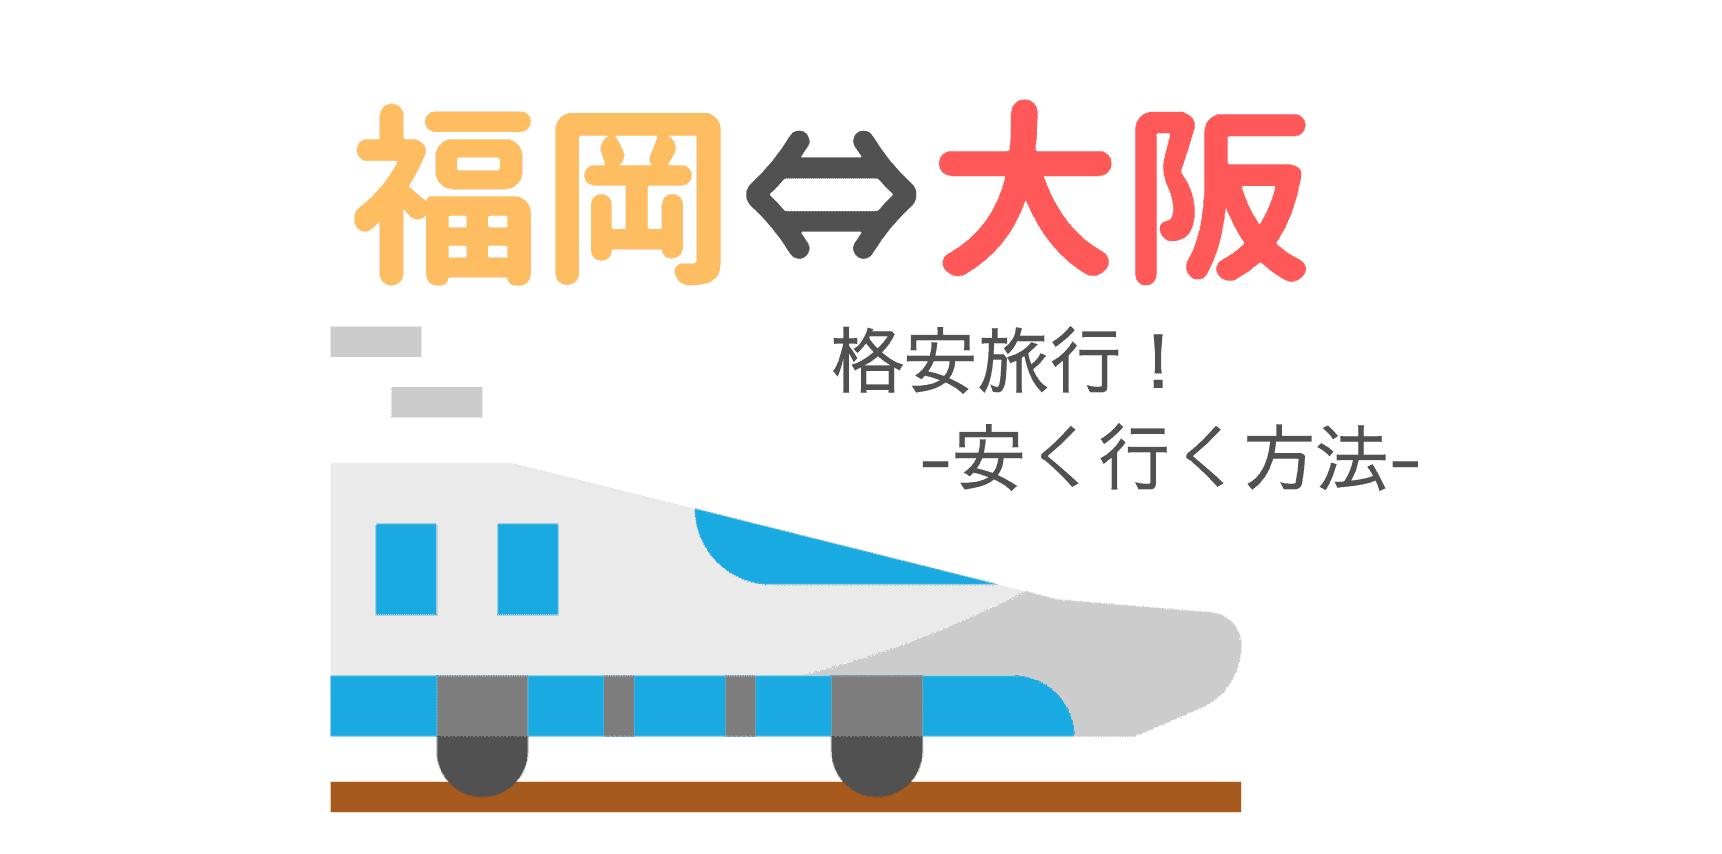 大阪-福岡安く行く格安旅行まとめ